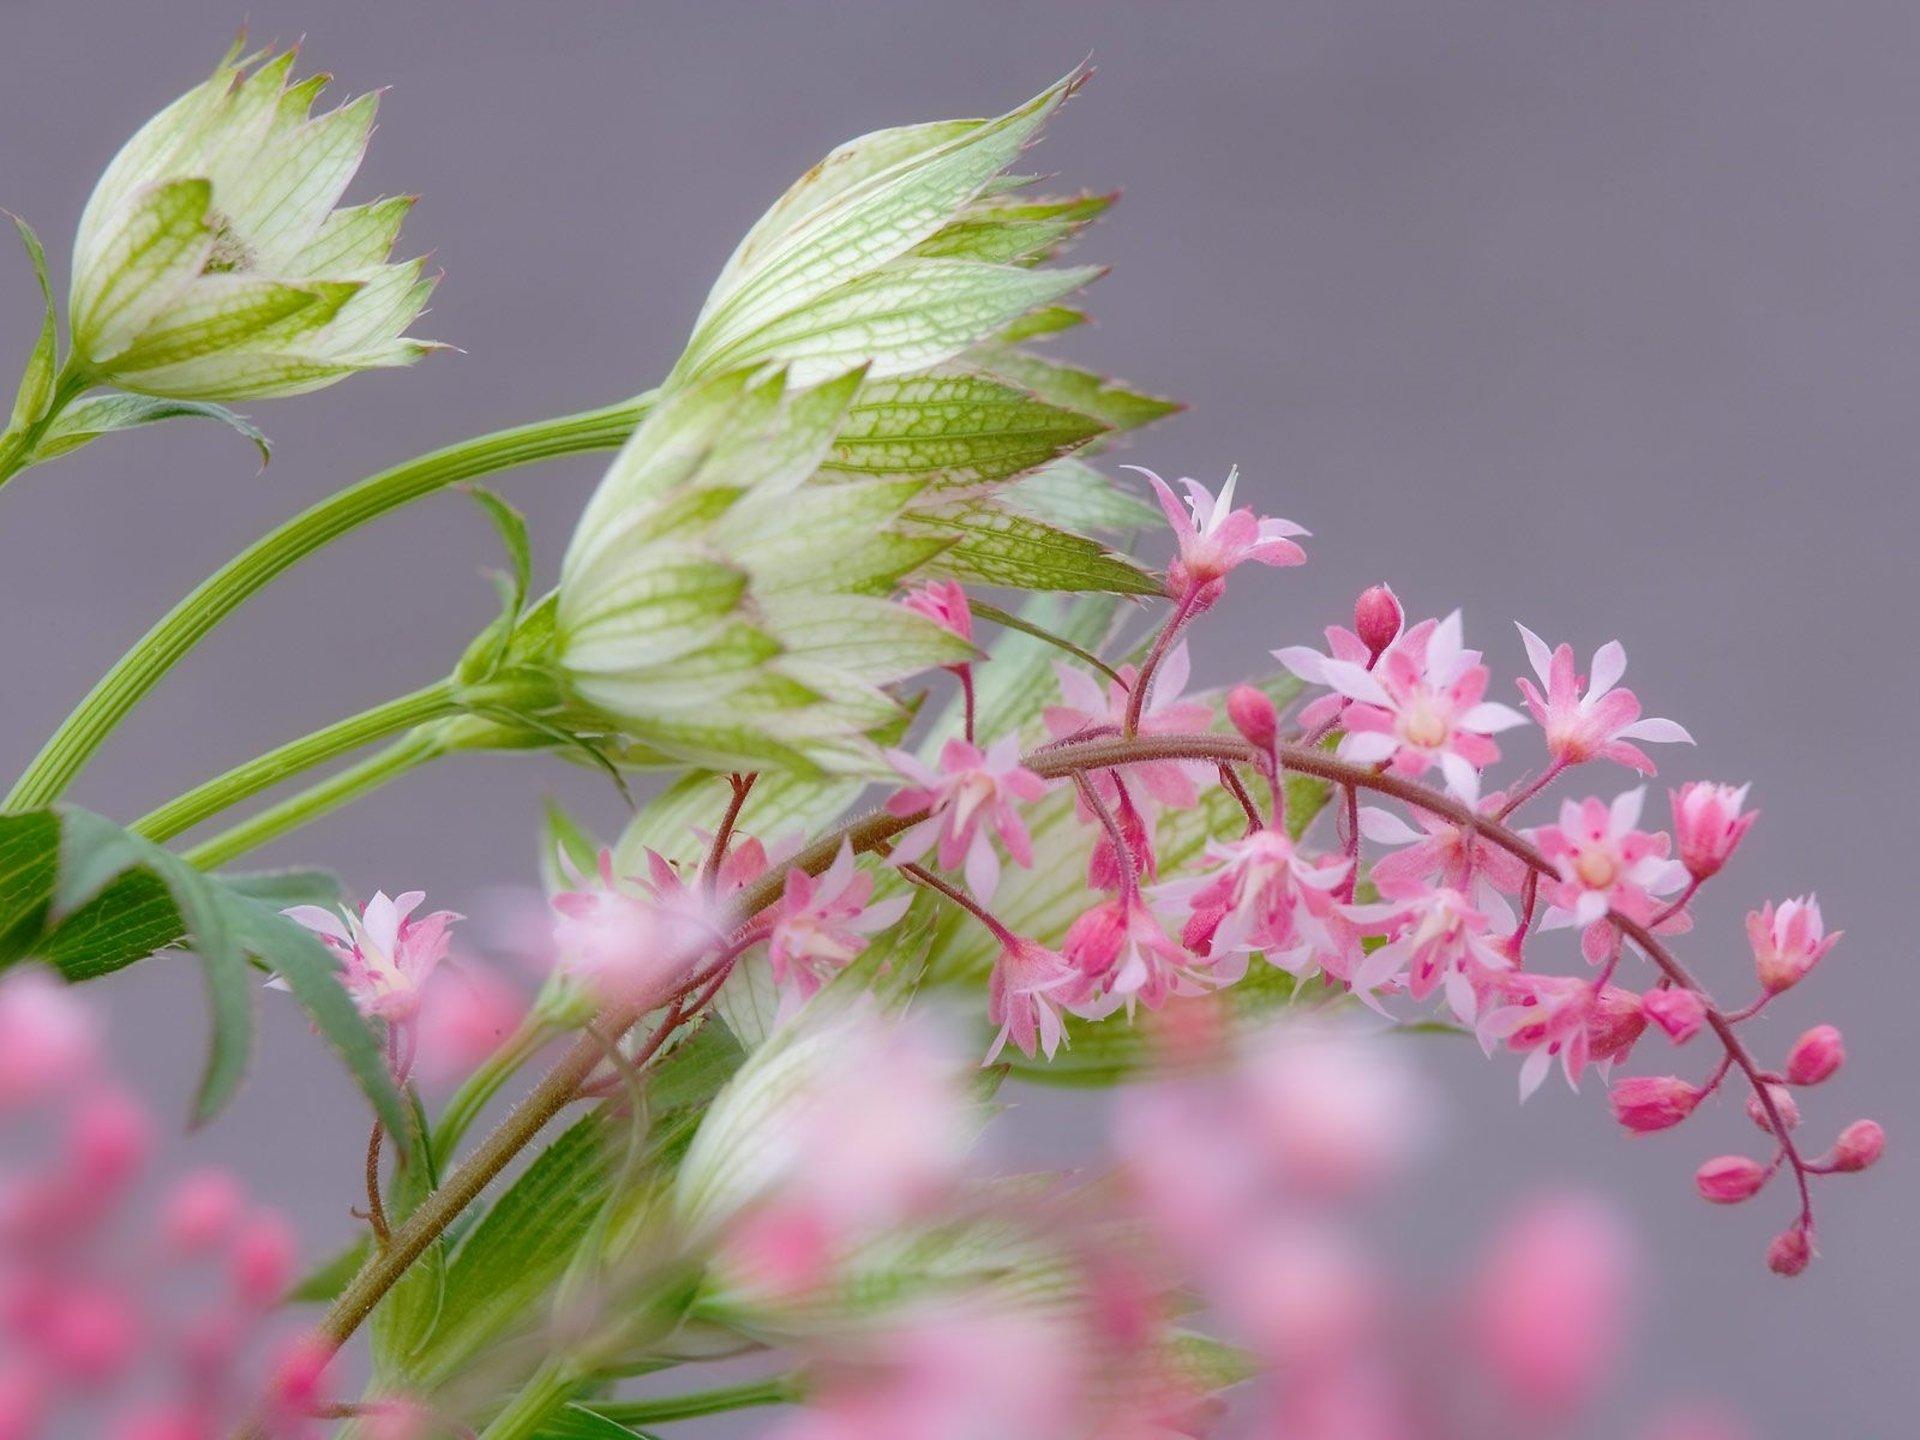 ветка макро зелень цветы загрузить